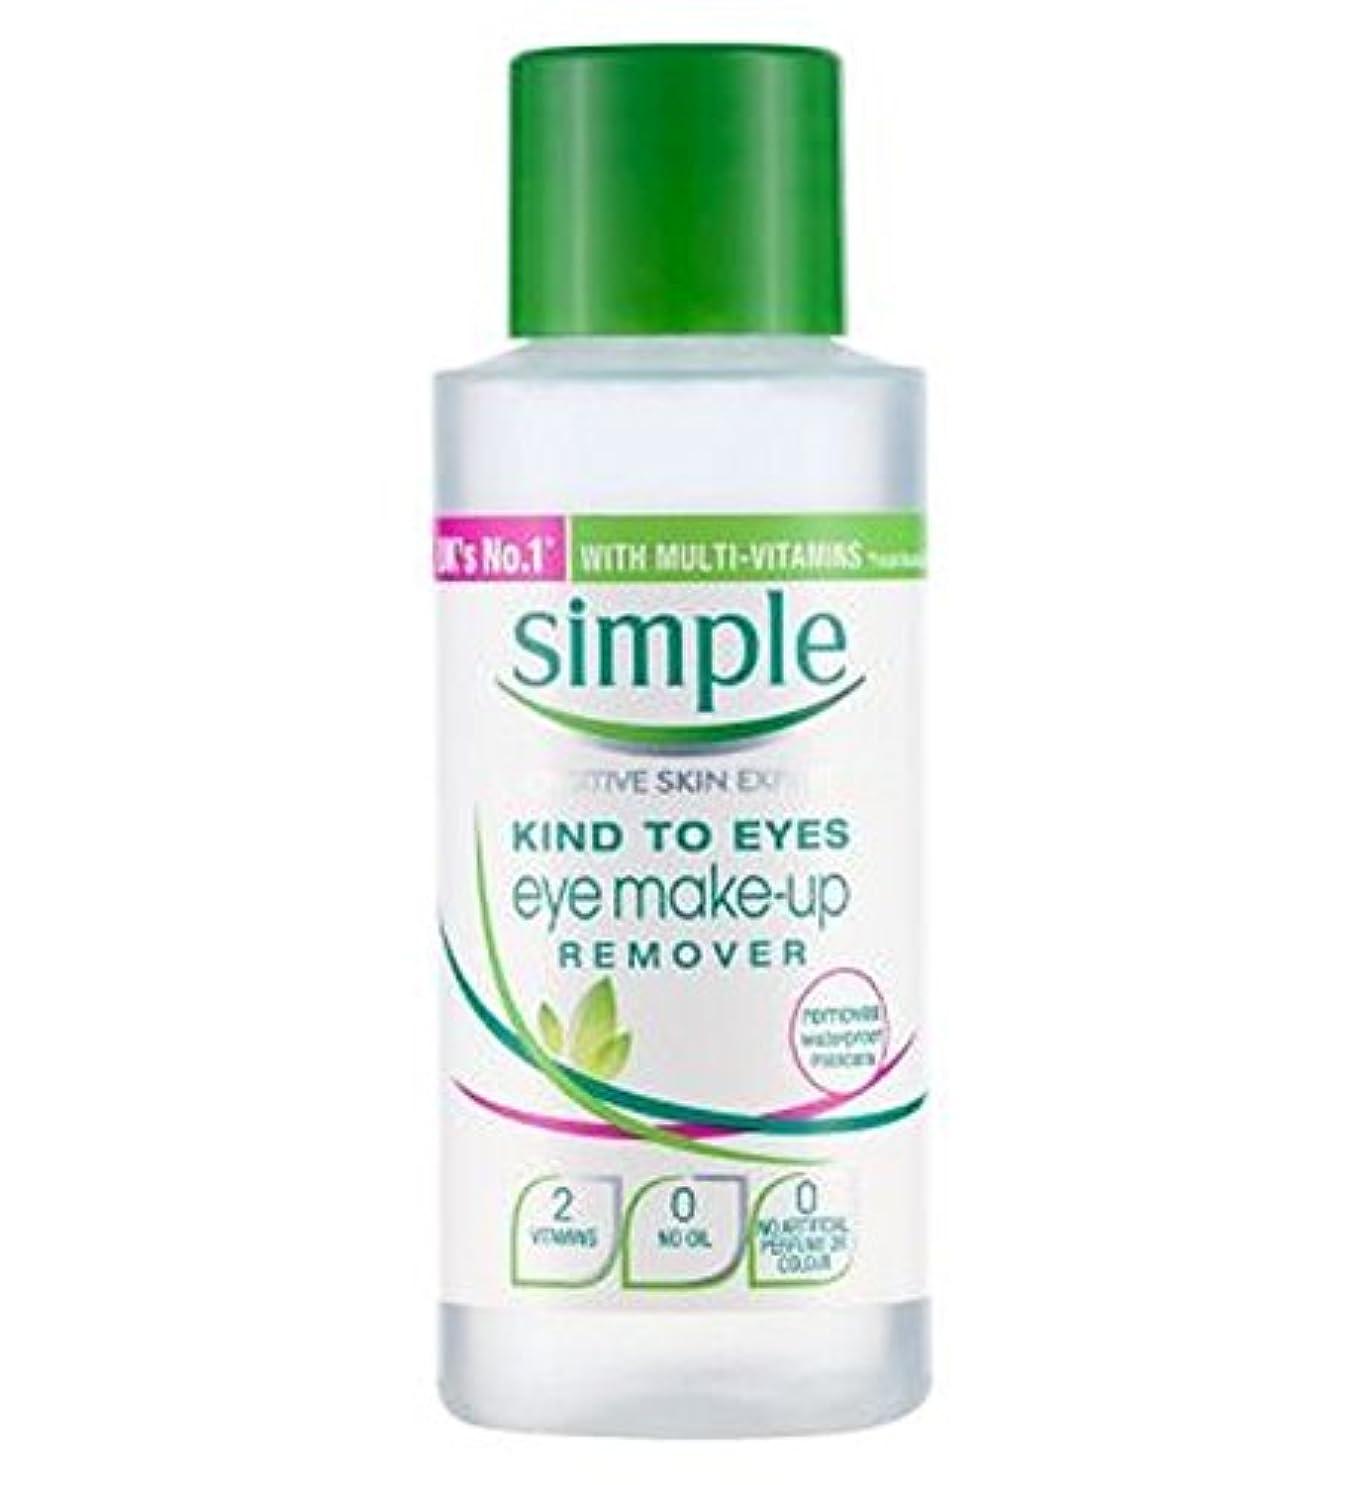 膜言い聞かせる賞Simple Kind to Eyes Eye Make-Up Remover 50ml - 目のアイメイクアップリムーバーの50ミリリットルへの単純な種類 (Simple) [並行輸入品]